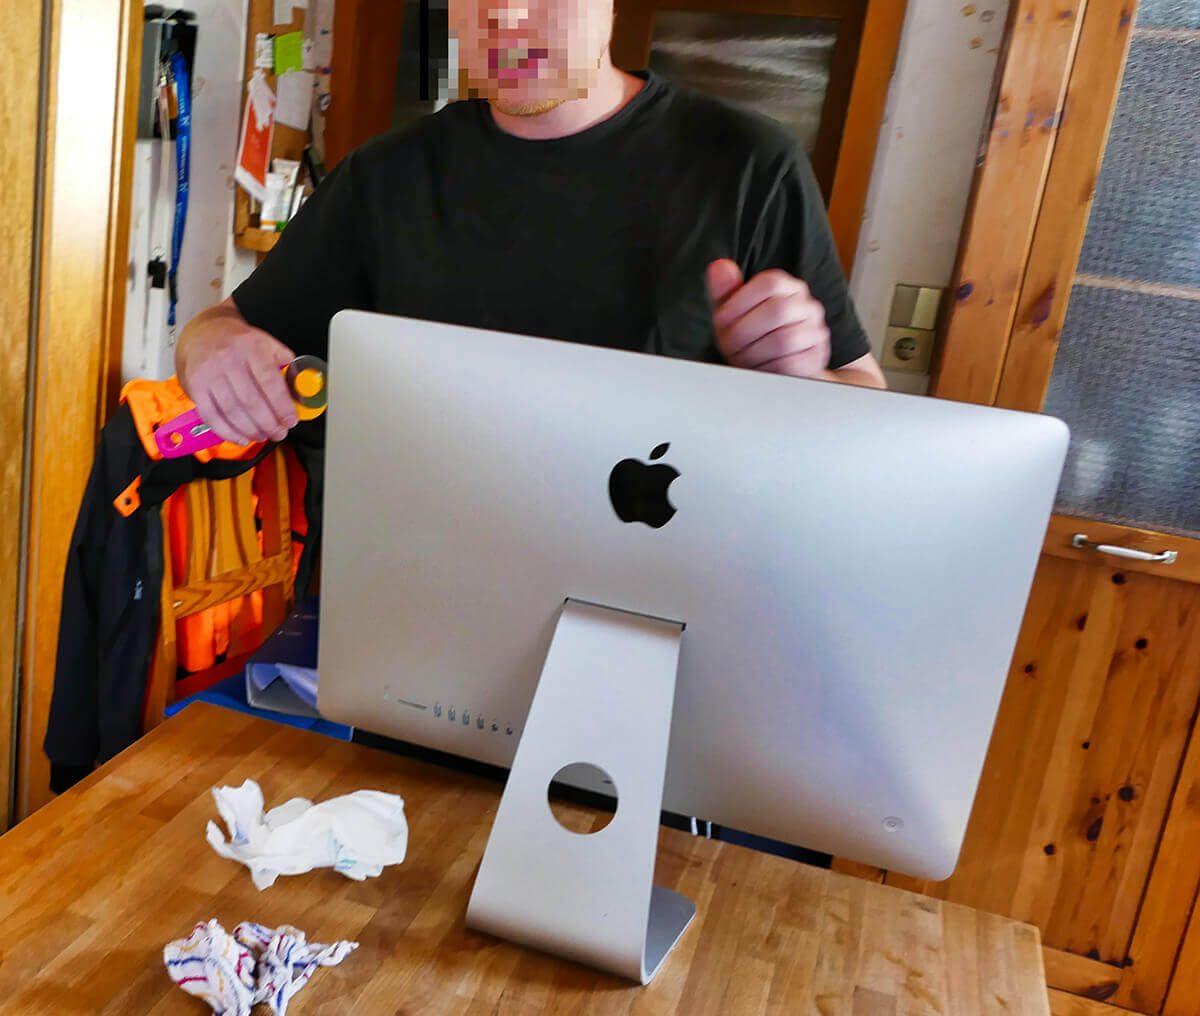 Das Bild zeigt Jürgens Sohn, wie er mit Hilfe des Rollmessers den iMac aufschneidet. Durch die Schnitte werden die Verklebungen getrennt, die das Display mit dem Rest des iMacs verbinden.